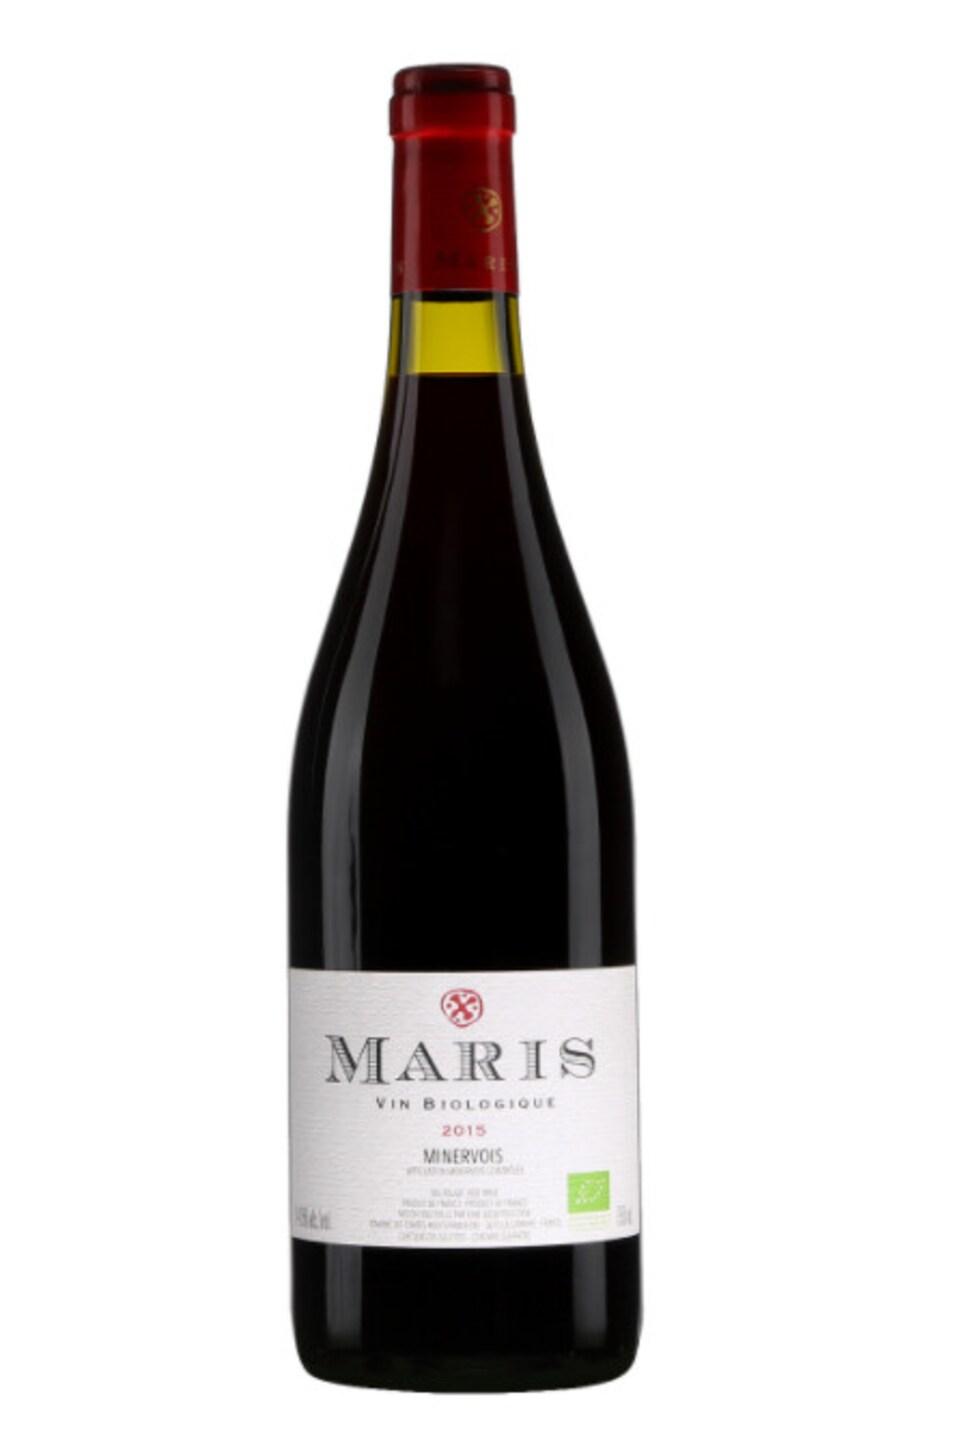 Bouteille de vin rouge biologique.